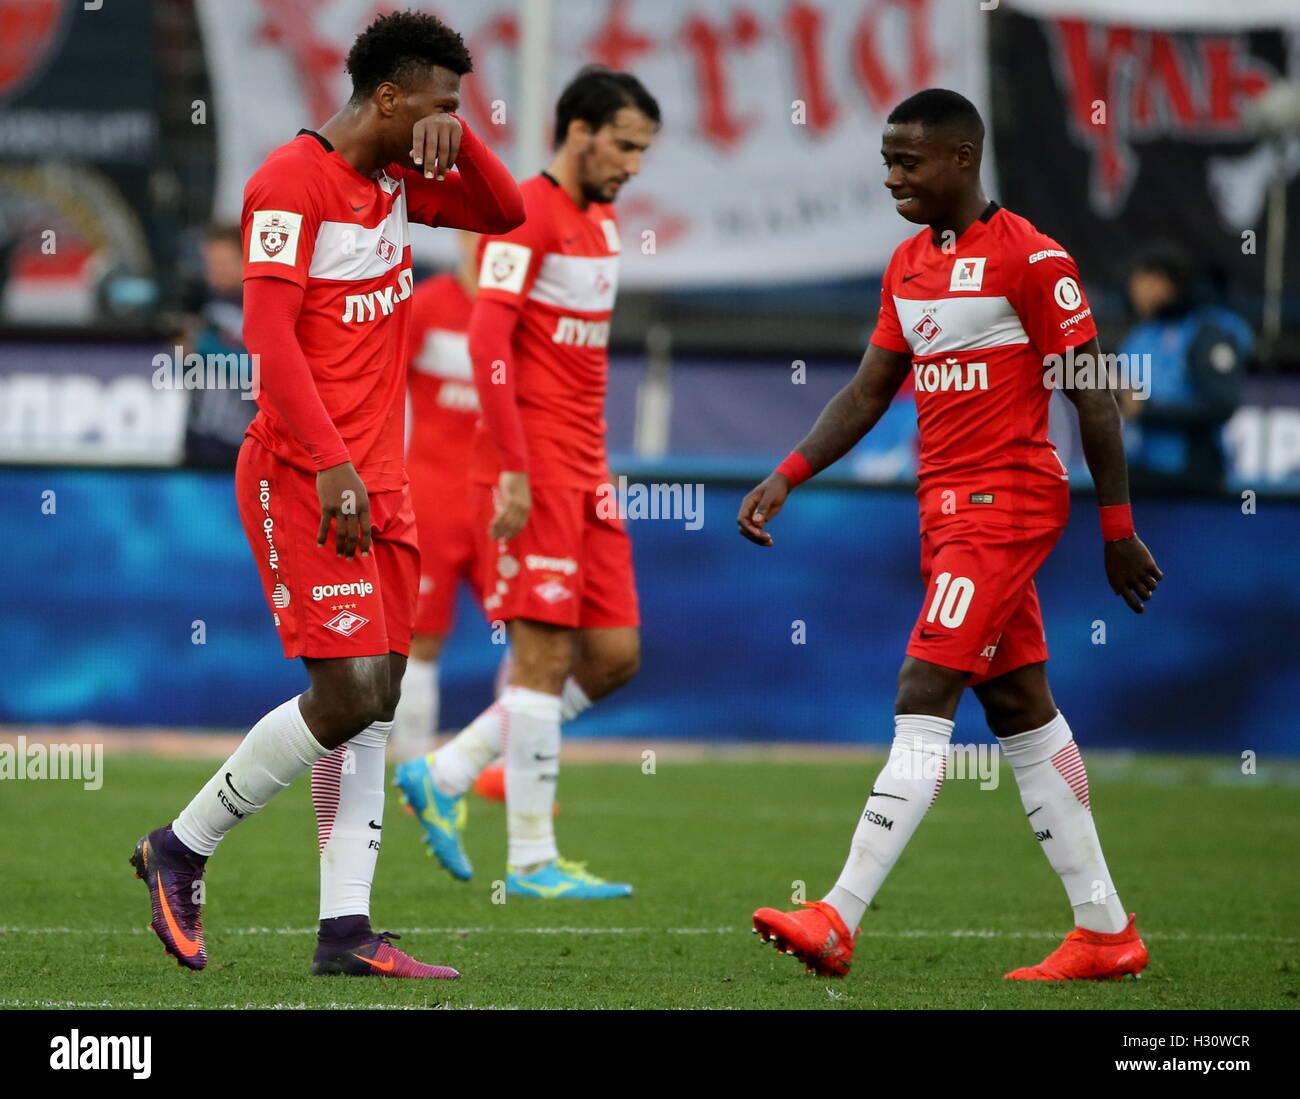 Matches Spartak - Zenit in the season 2018 - 2019 82